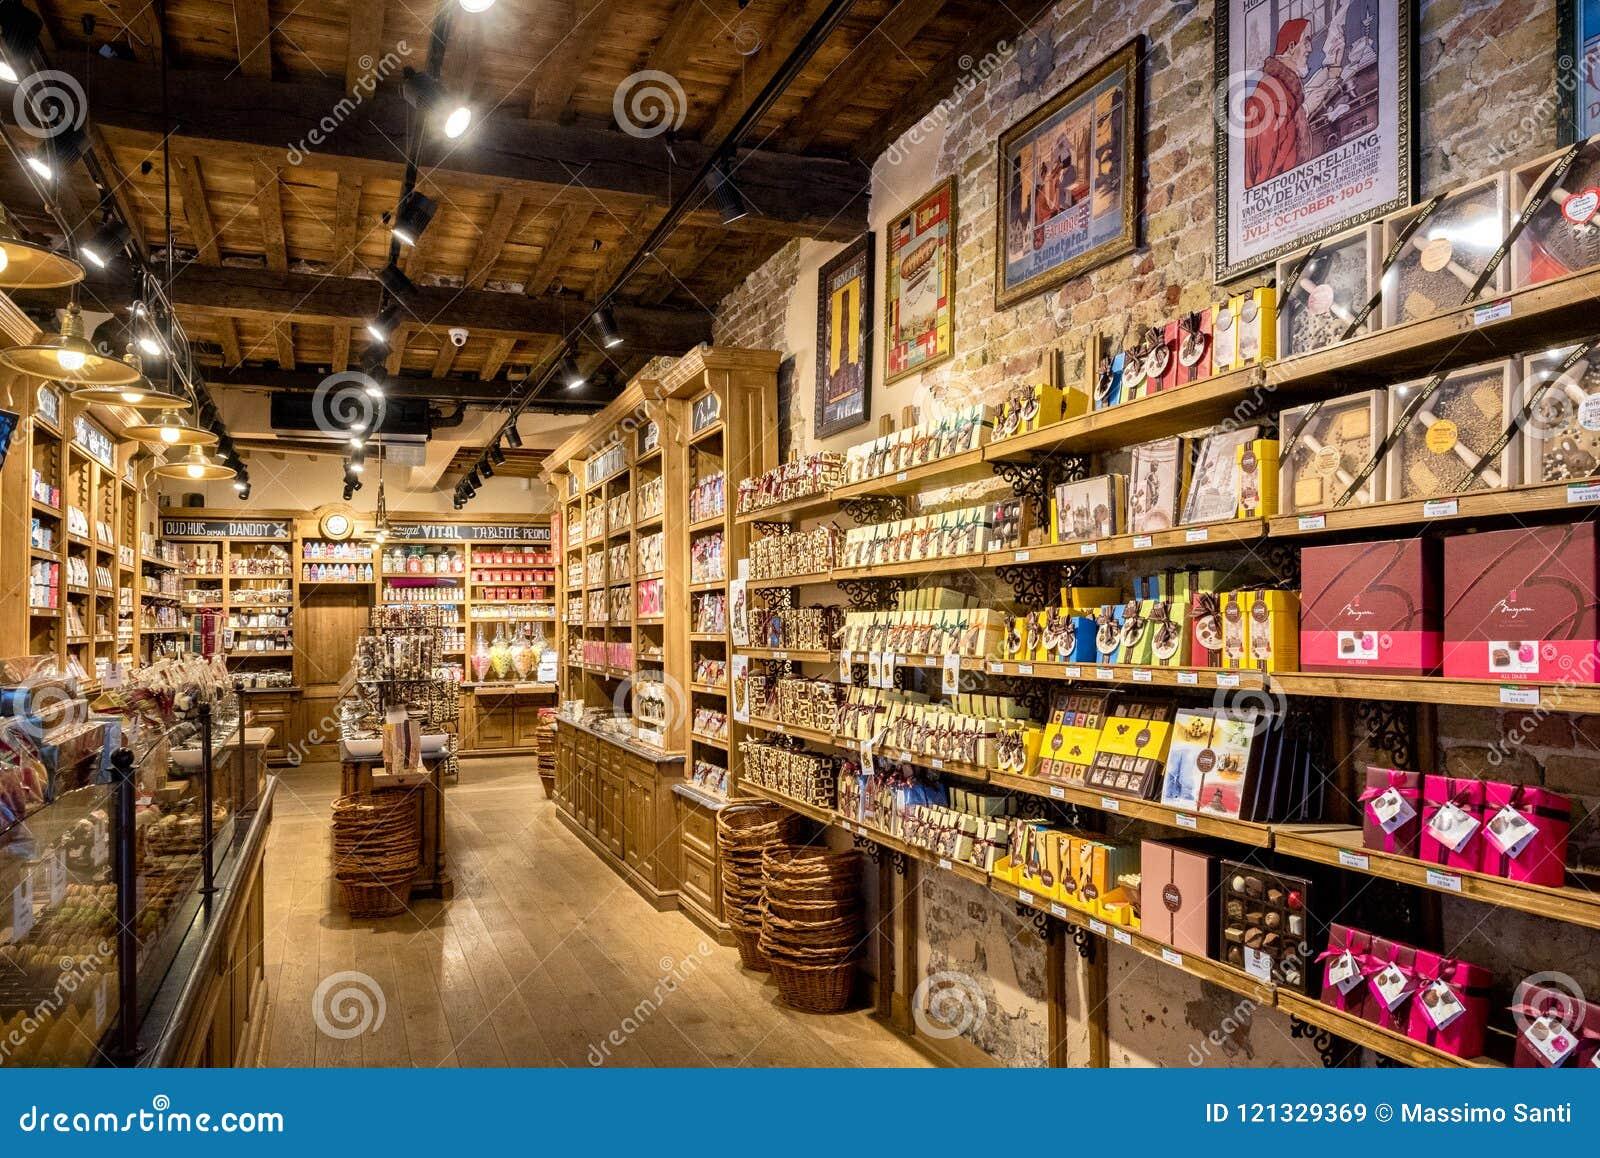 Το Μπρυζ είναι επίσης διάσημο για την πιό chocolatier τέχνη του, με πολλά καταστήματα που πωλούν την χειροτεχνικός-γίνοντη σοκολά